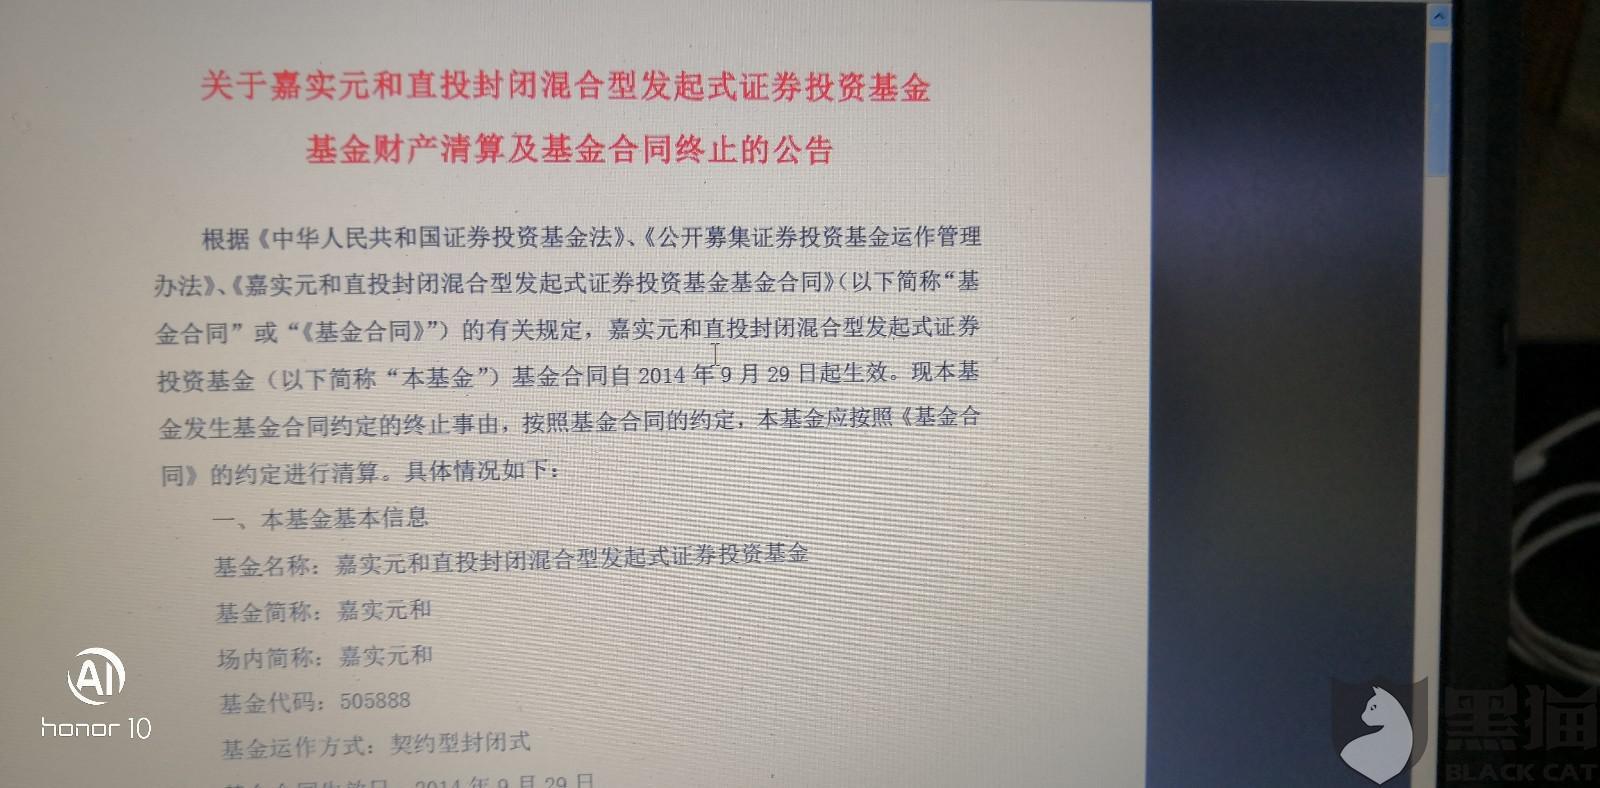 黑猫投诉:嘉实基金折价销售中石化销售公司股权